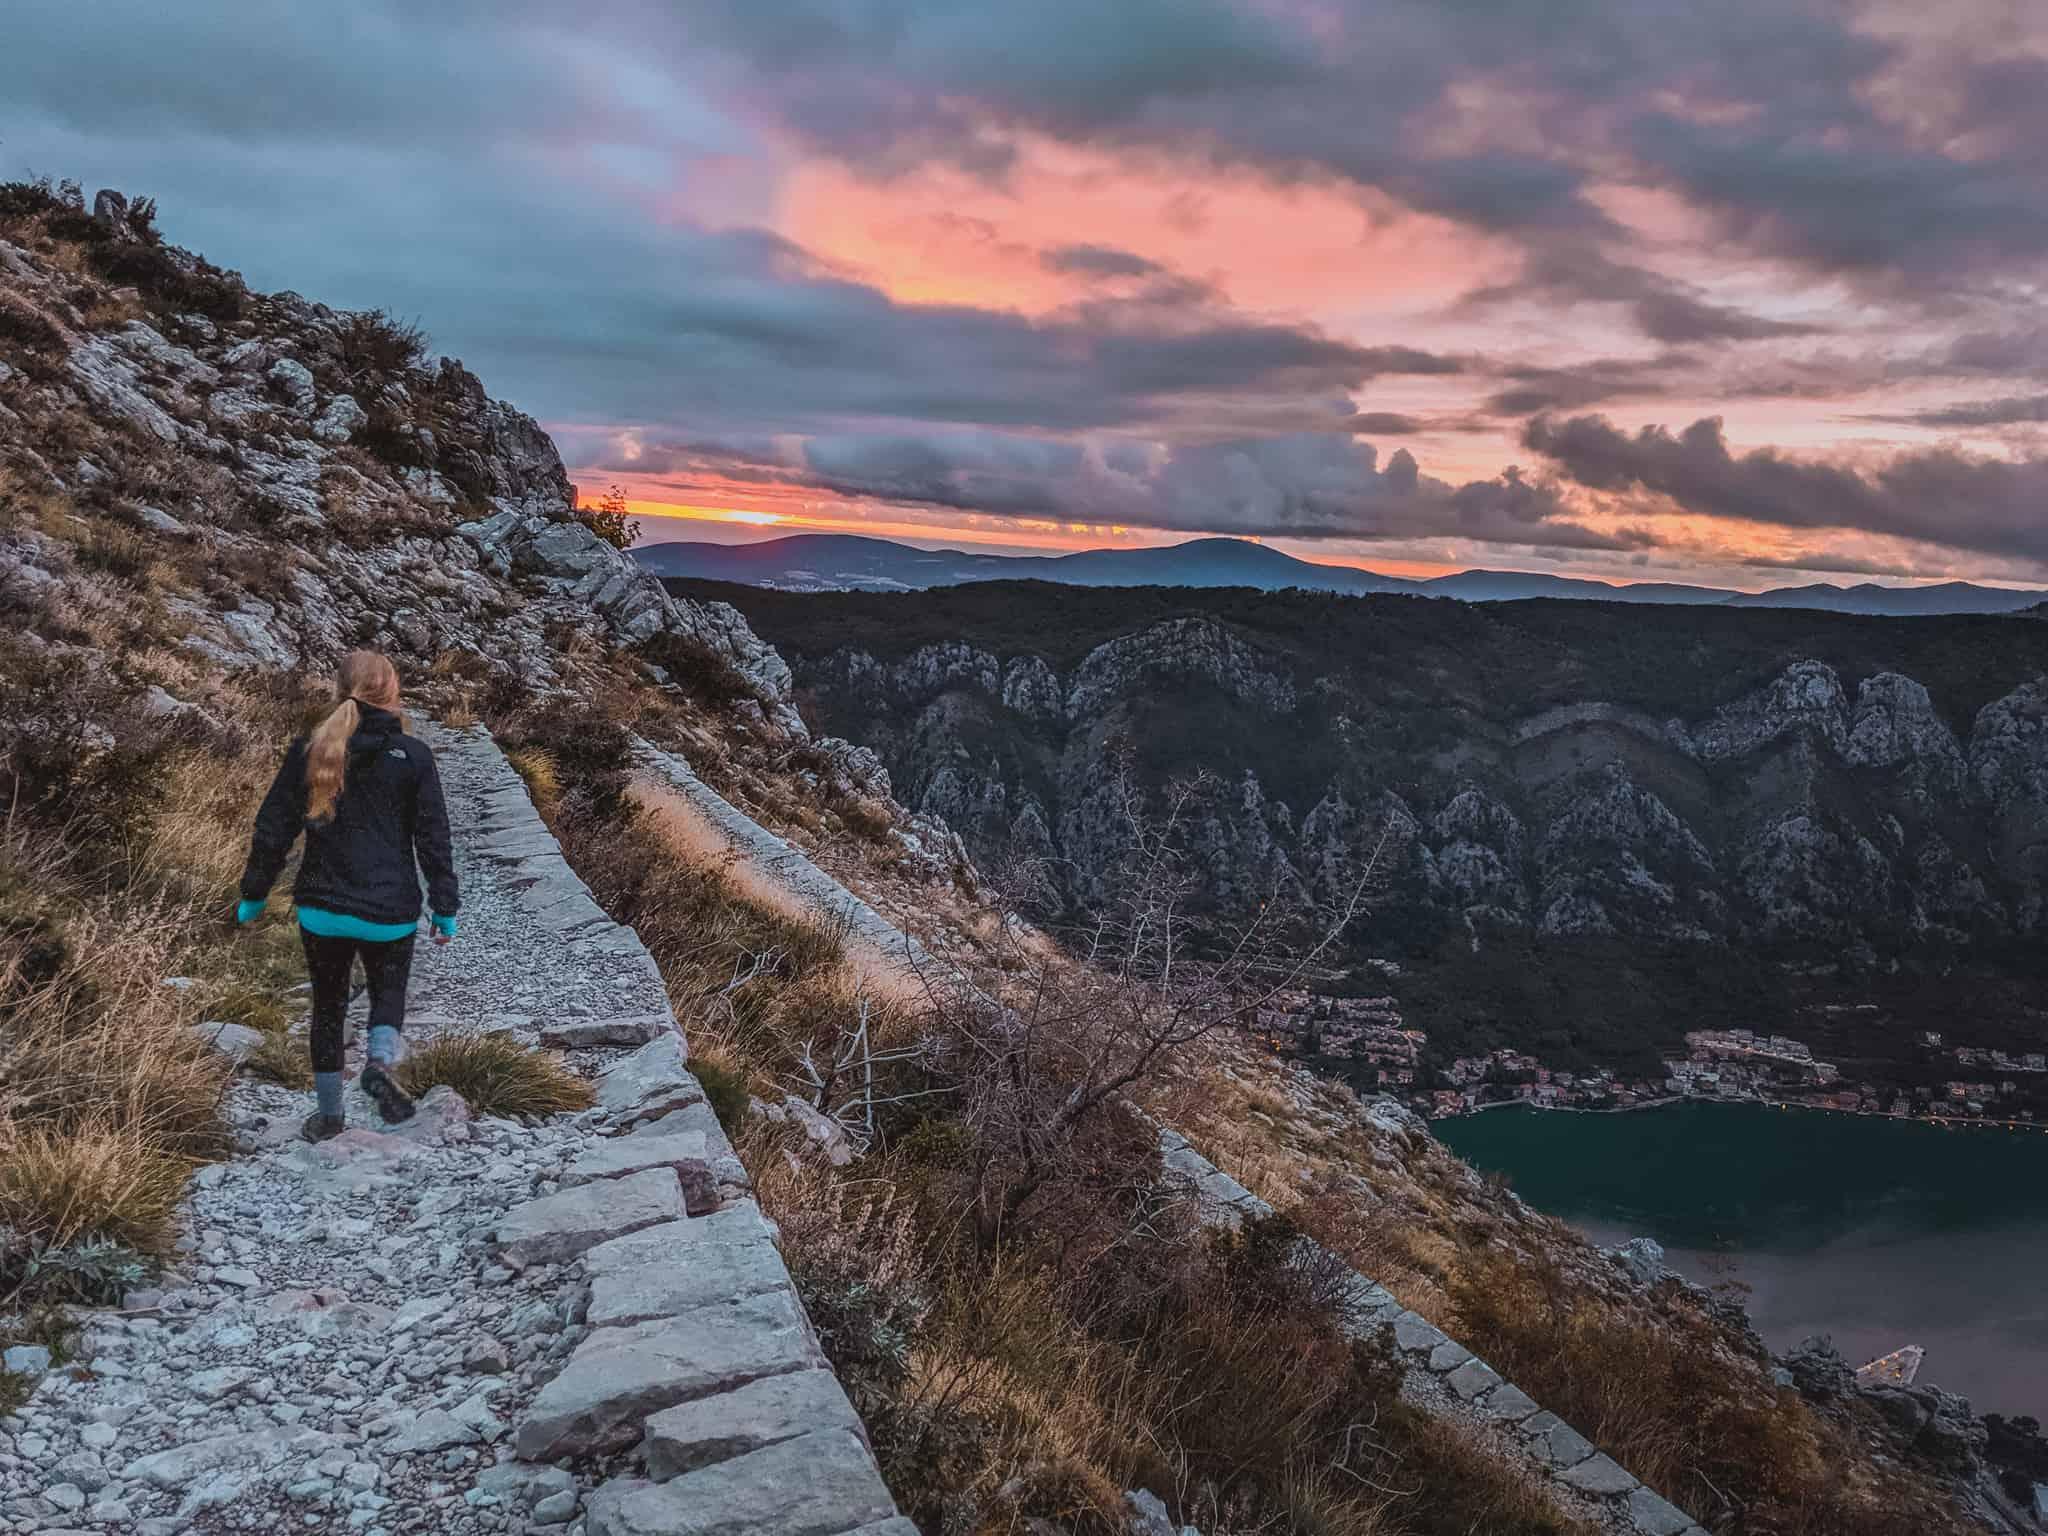 Montenegro Road Trip: Hiking the Ladder of Kotor